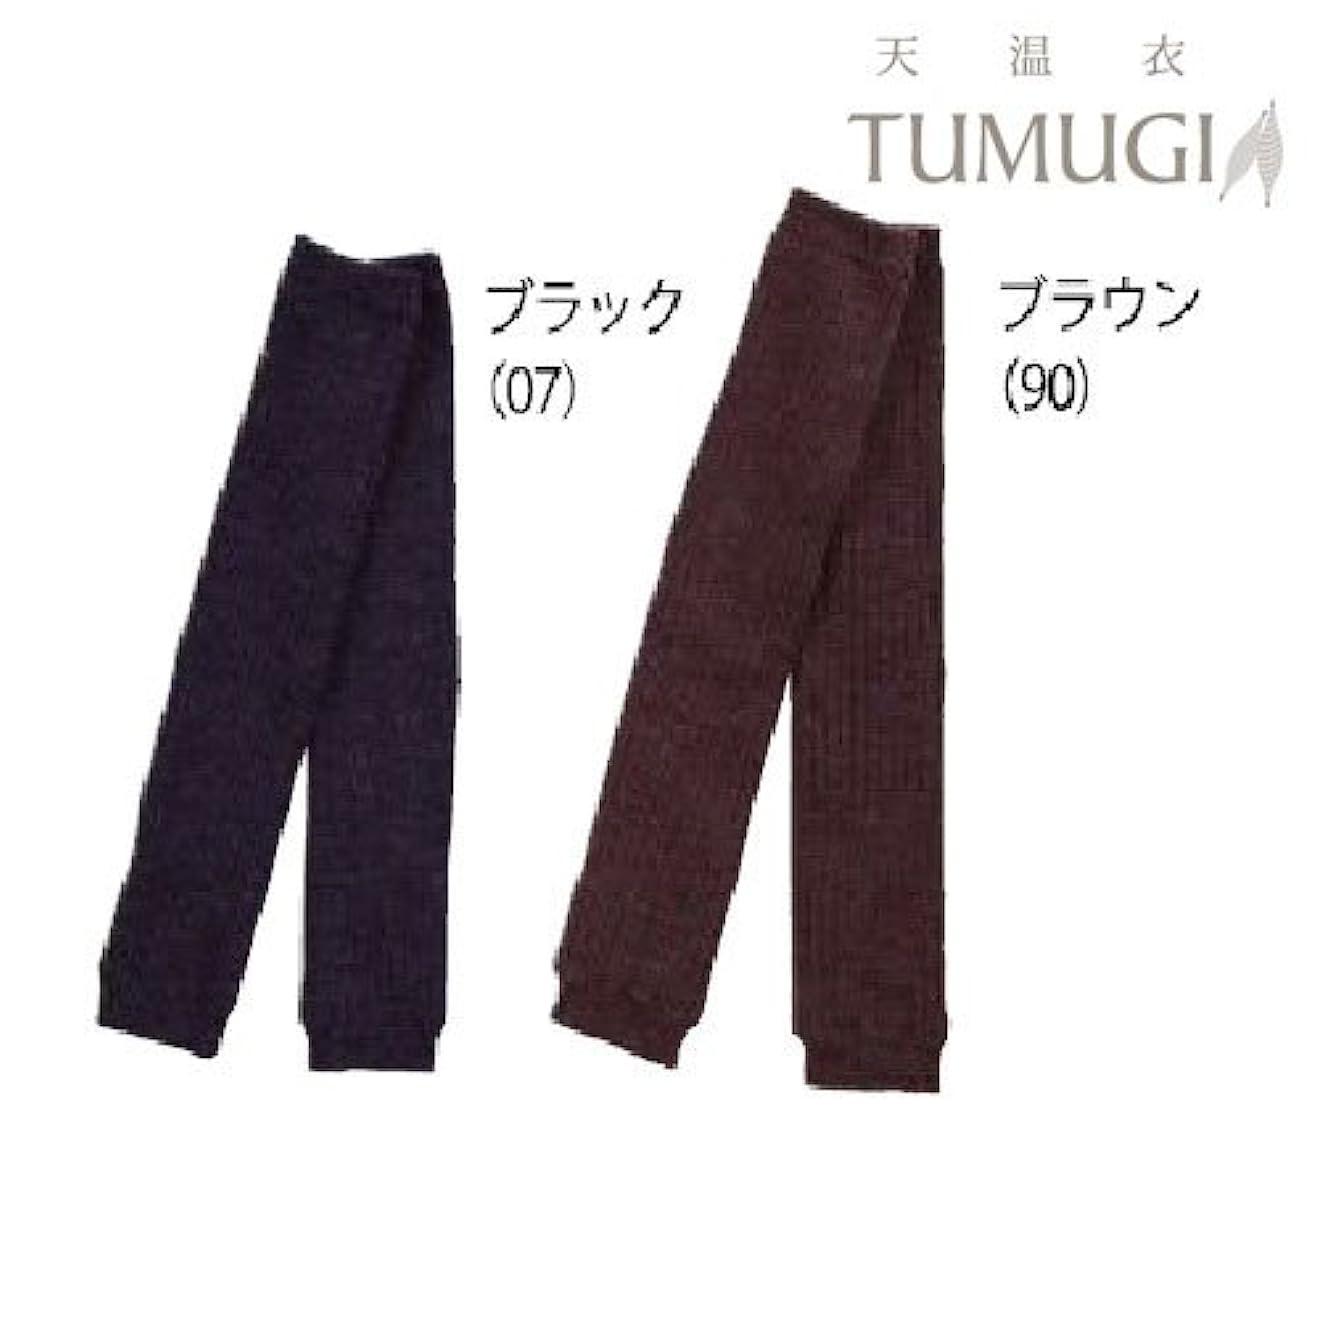 セレナジャム飢えた天温衣TUMUGI  ウールとシルクの2重編みレッグウォーマー (ブラウン(茶))